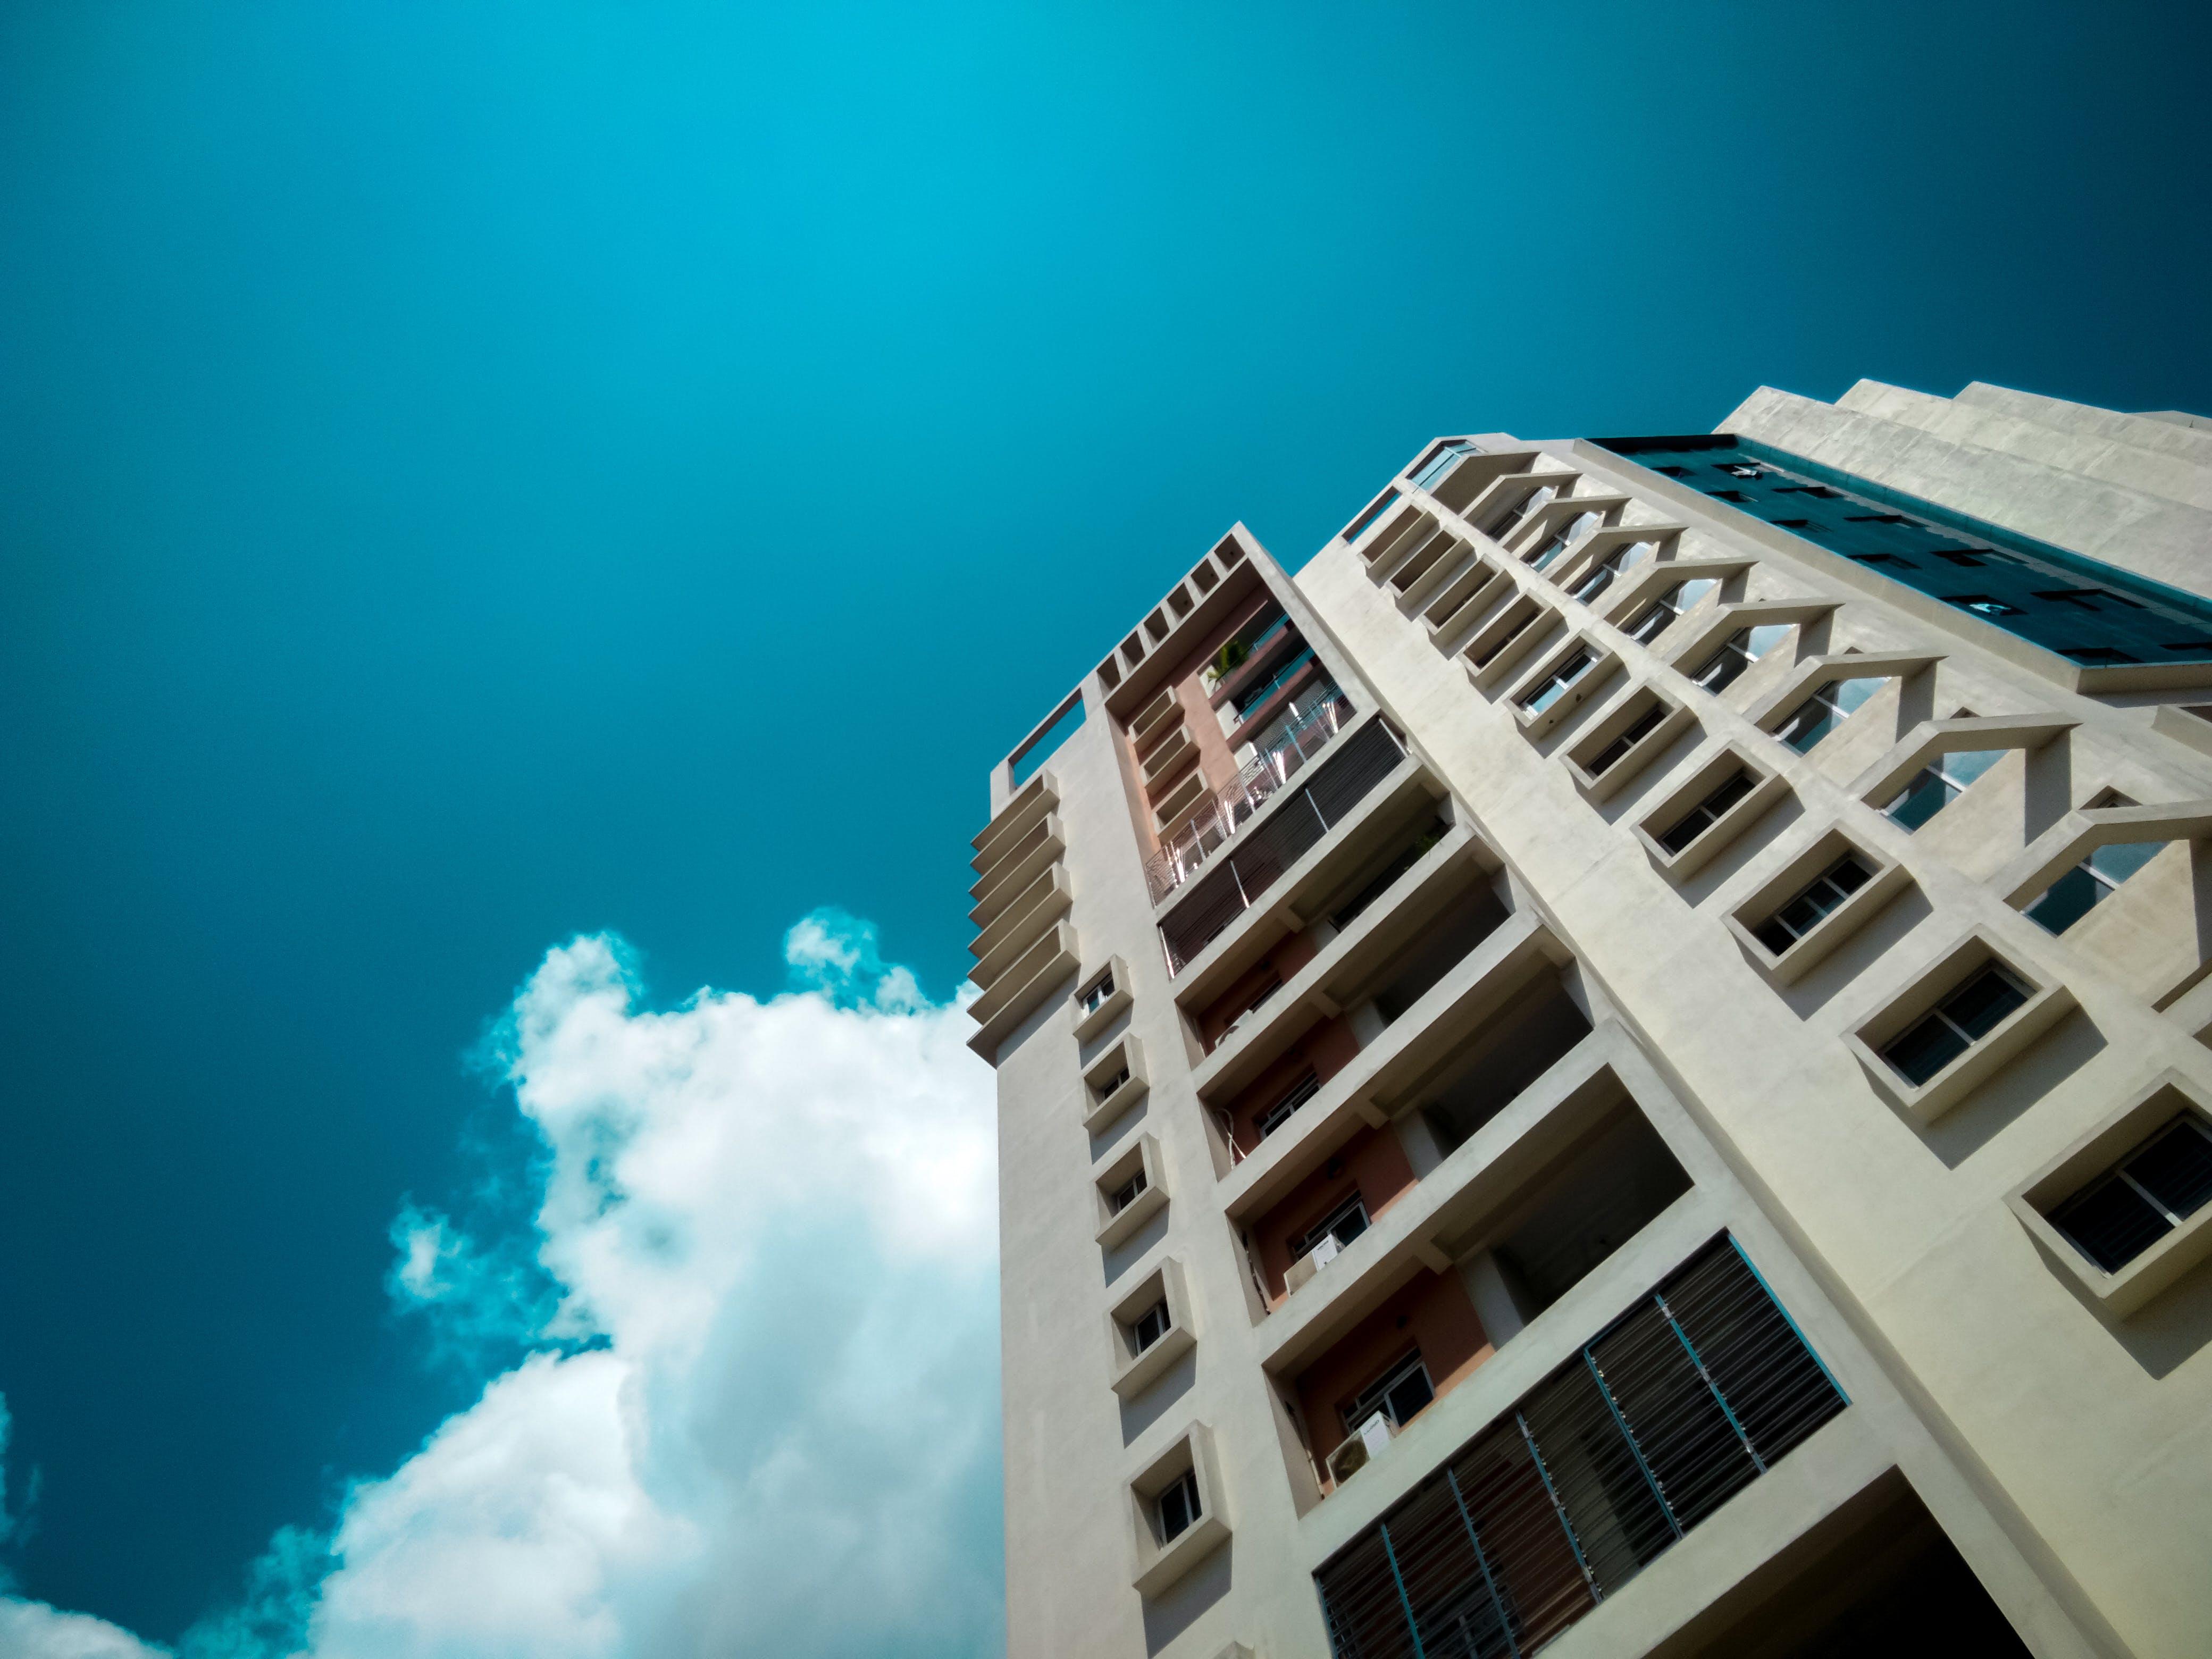 Δωρεάν στοκ φωτογραφιών με mobilephotography, αστική άποψη, κτήριο, κτίριο διαμερισμάτων